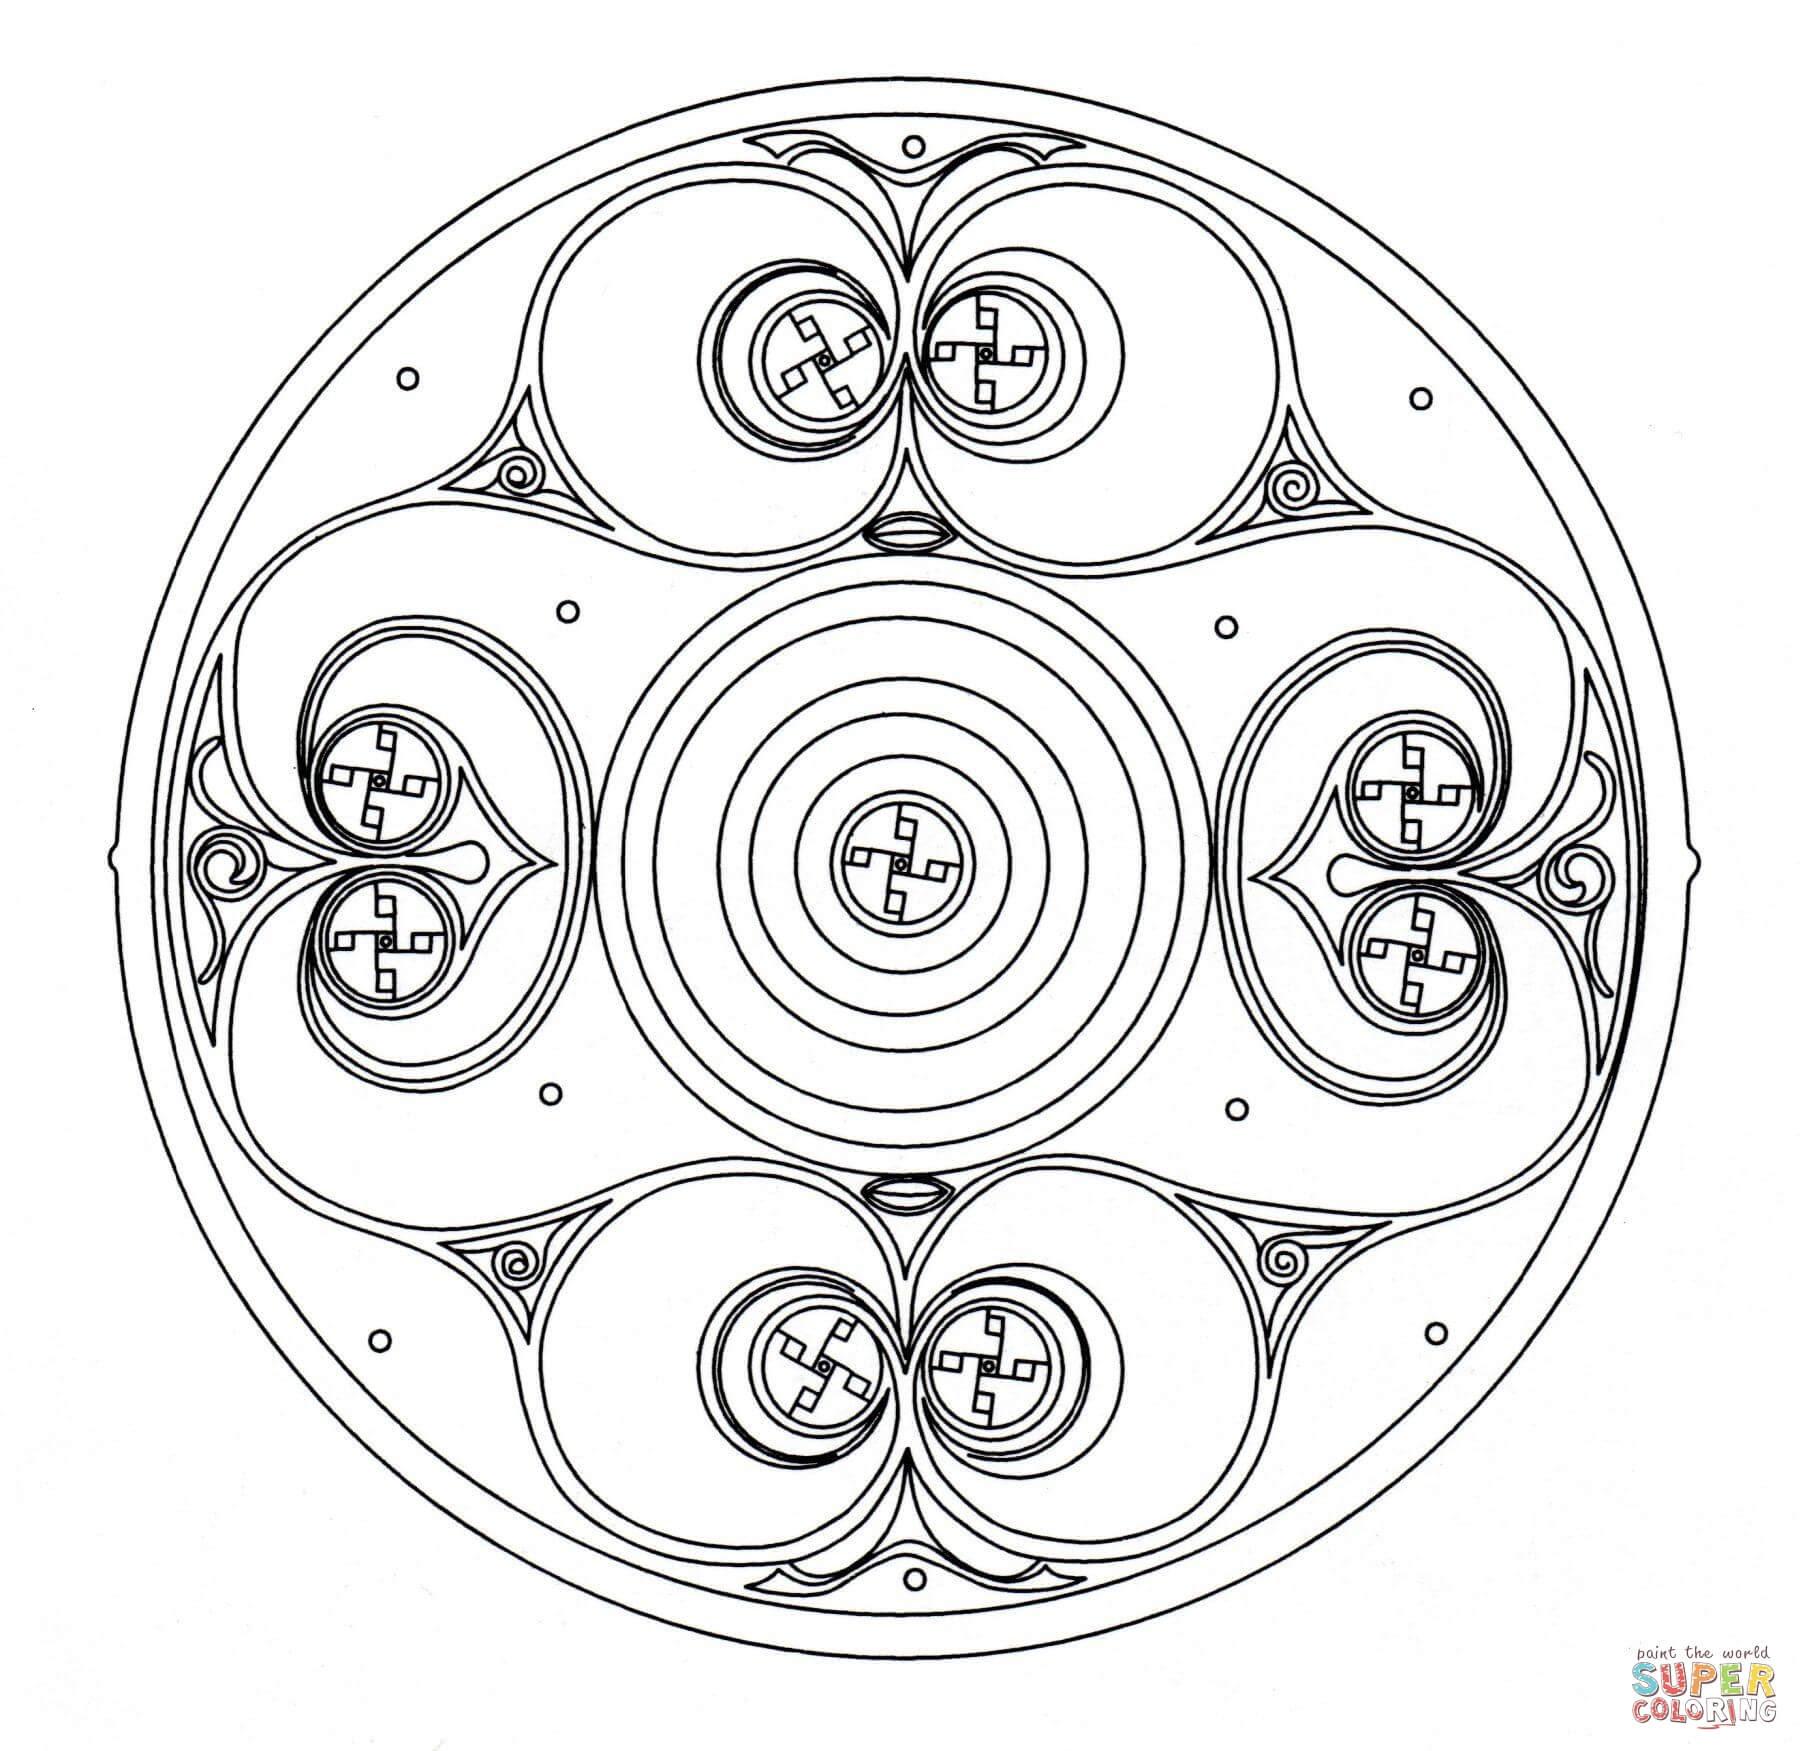 Dibujo De árbol De La Vida Celta Para Colorear Dibujos Para